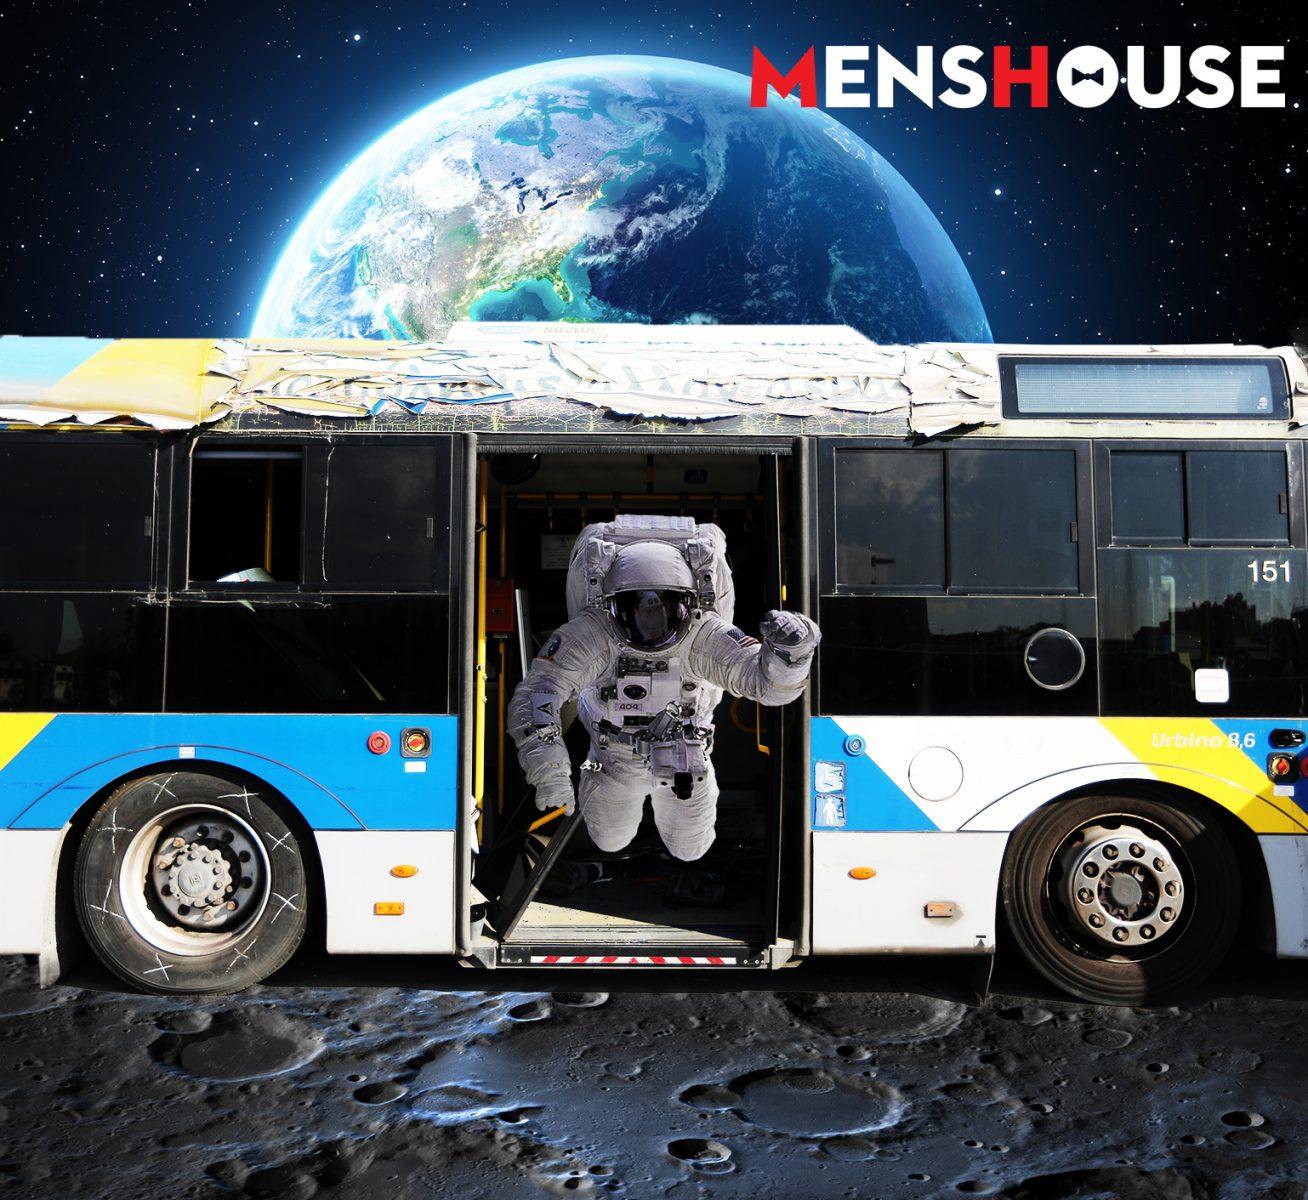 Κόβουν την ανάσα: Οι 7 πρώτες φωτό από το όχημα της Ελλάδας που θα πατήσει στο διάστημα (Pics)